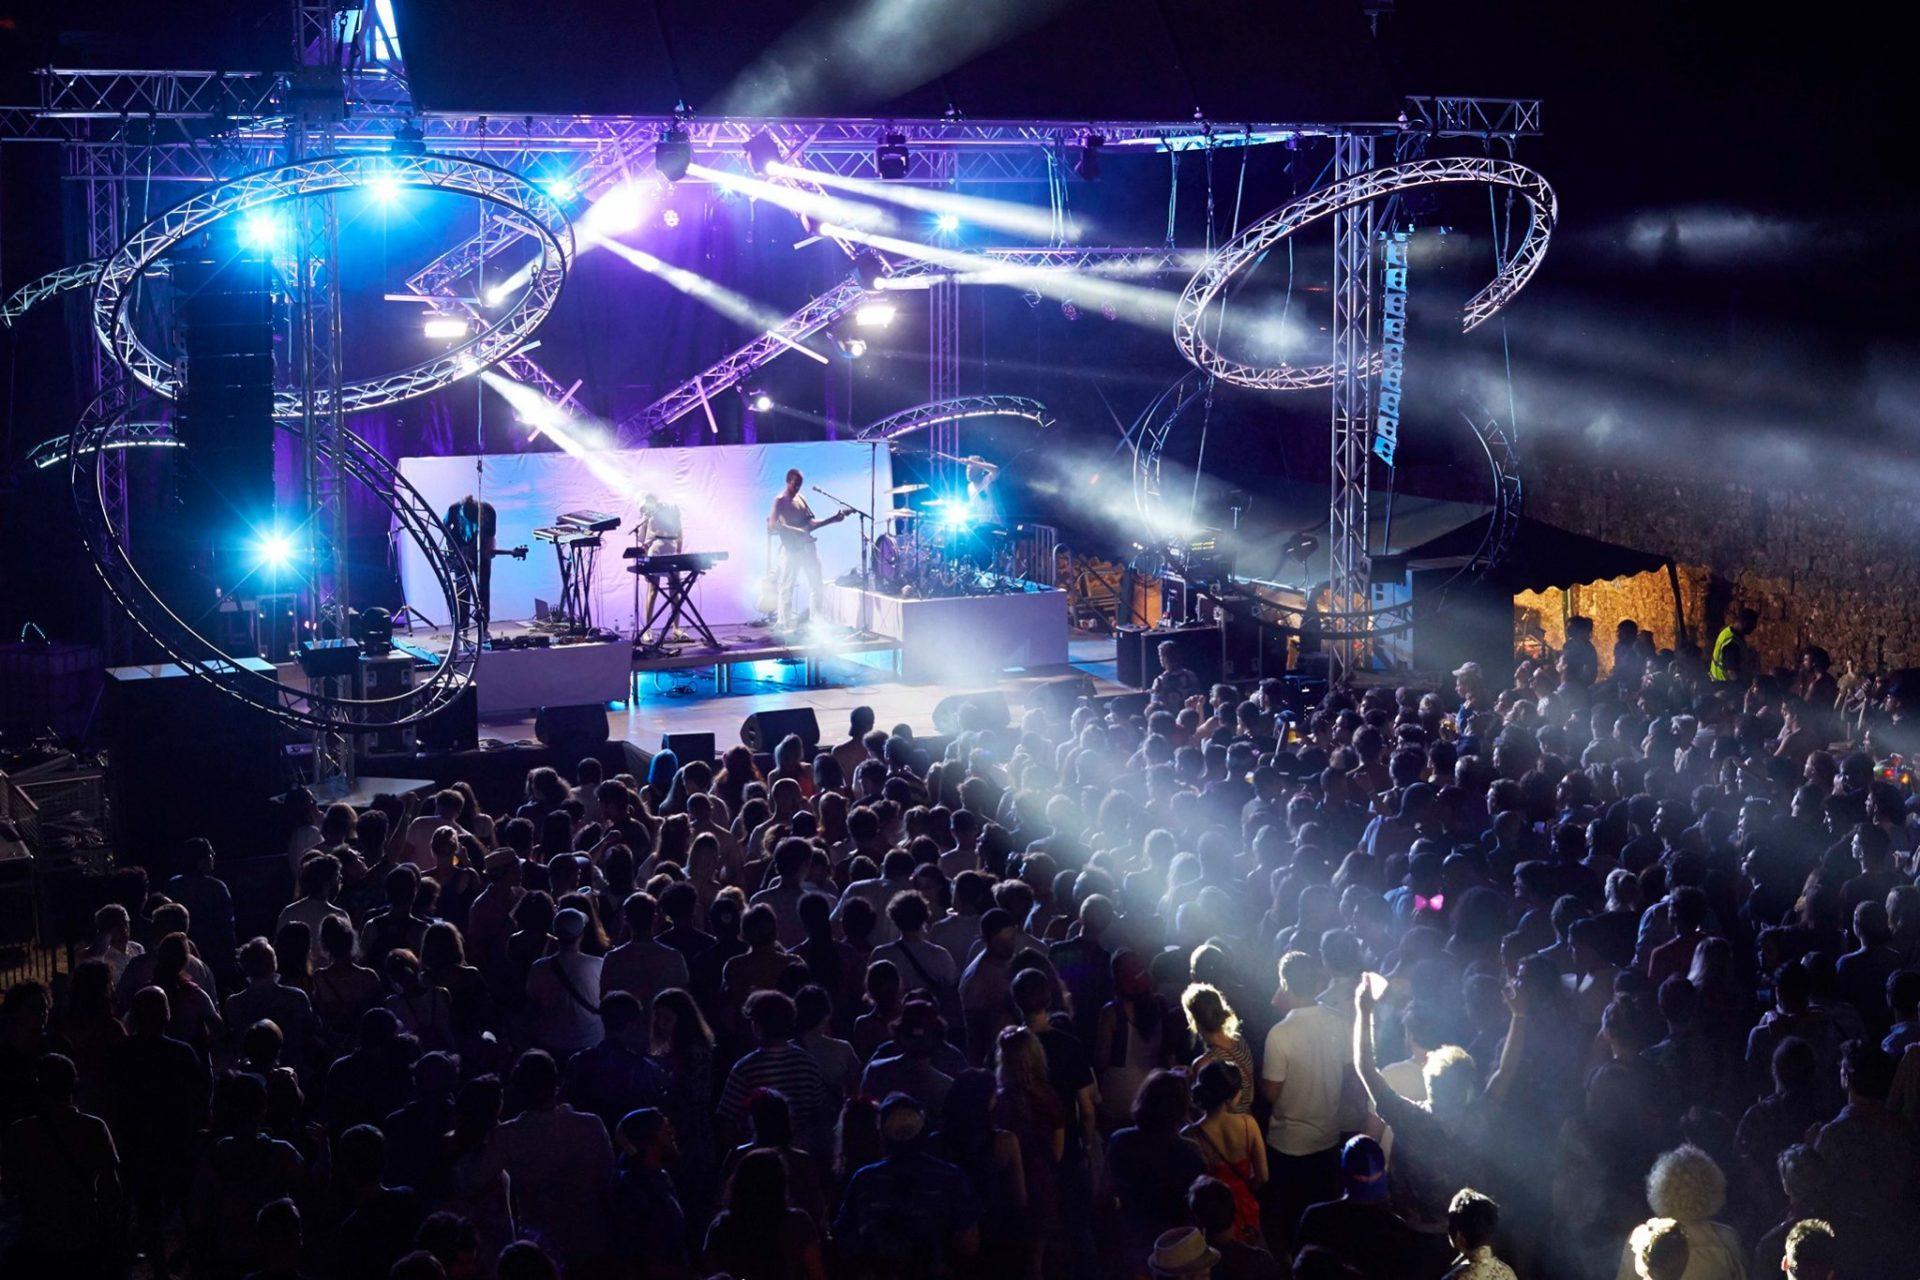 scene sous des lumières bleues avec une foule devant la scene